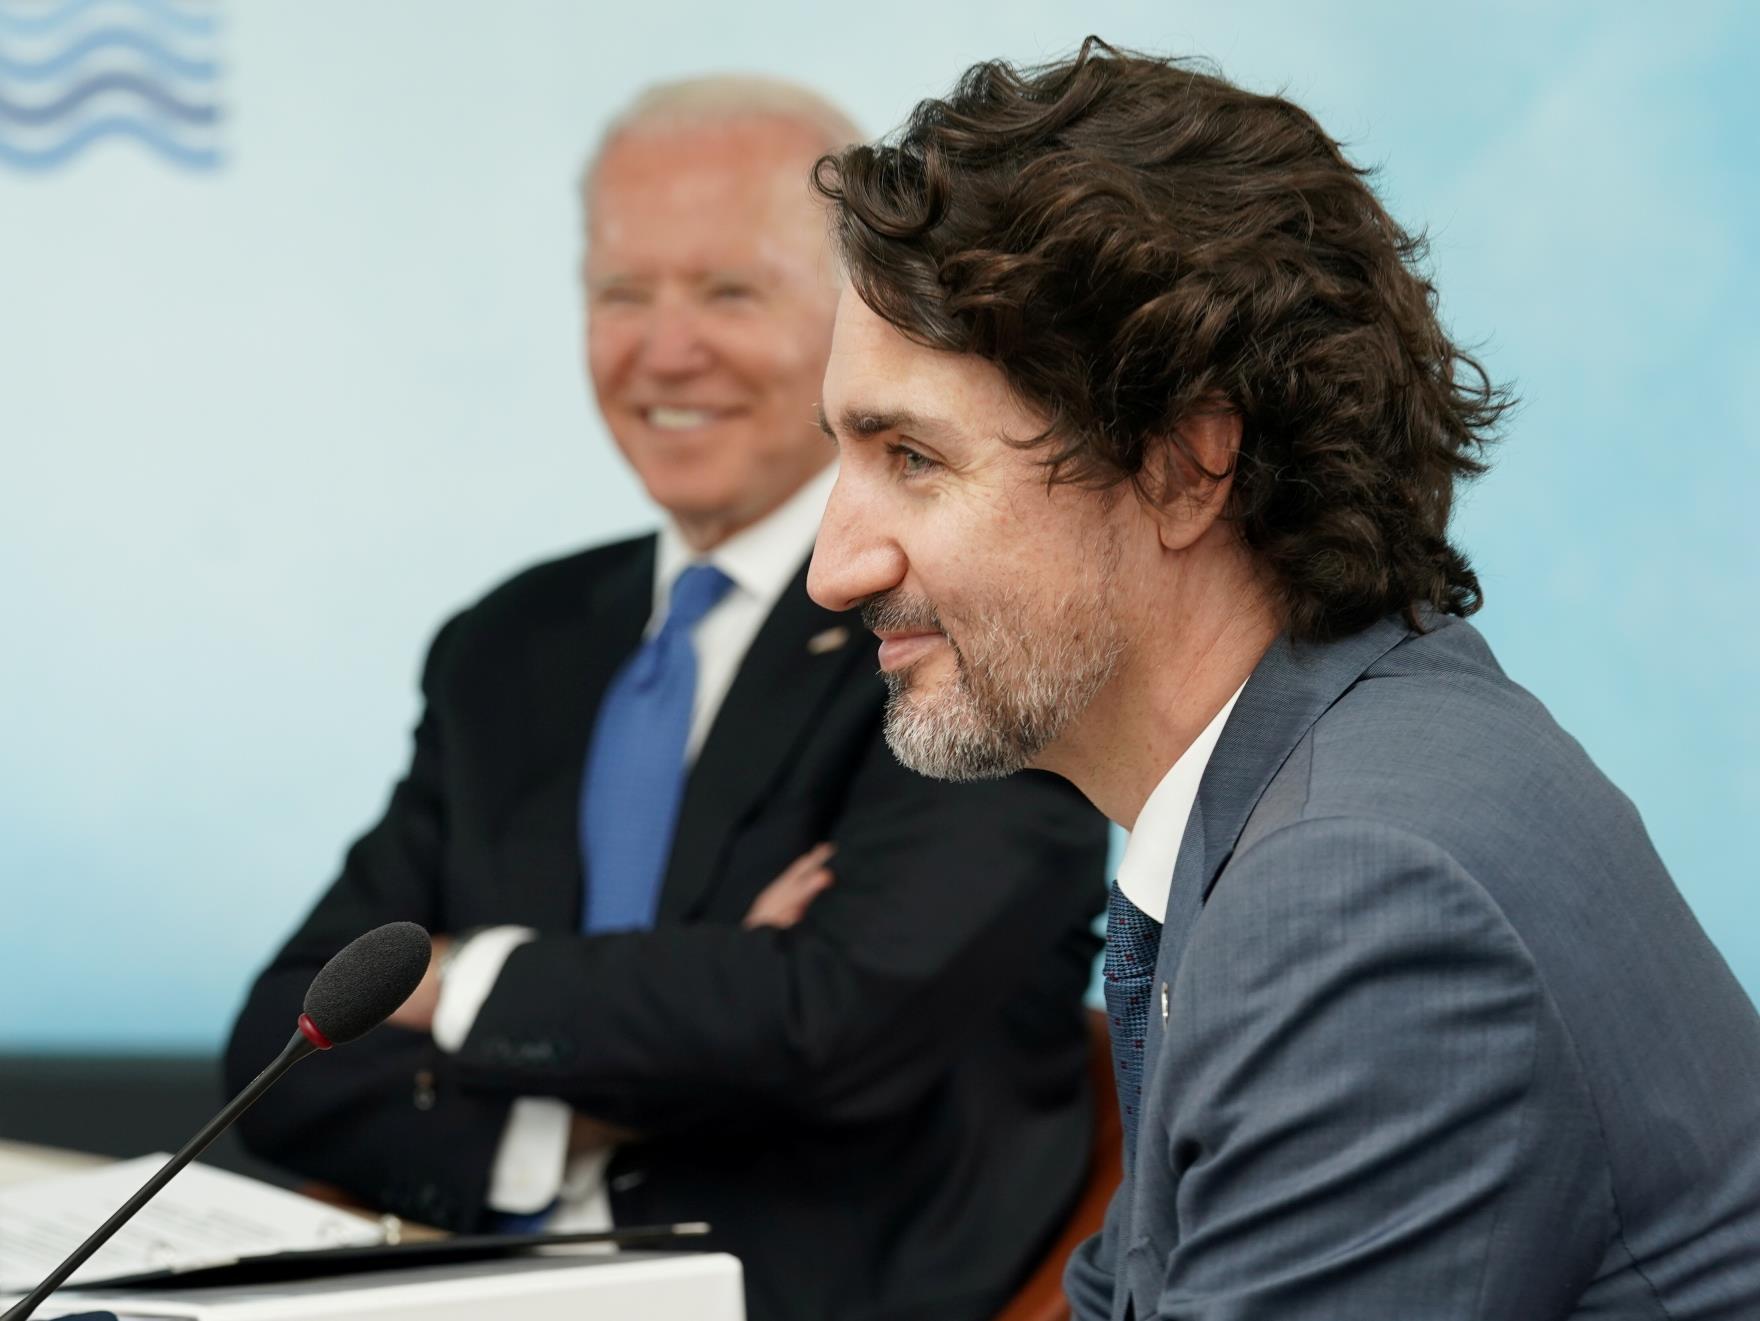 加拿大特鲁多表示,他与拜登讨论了边界问题,但没有达成协议